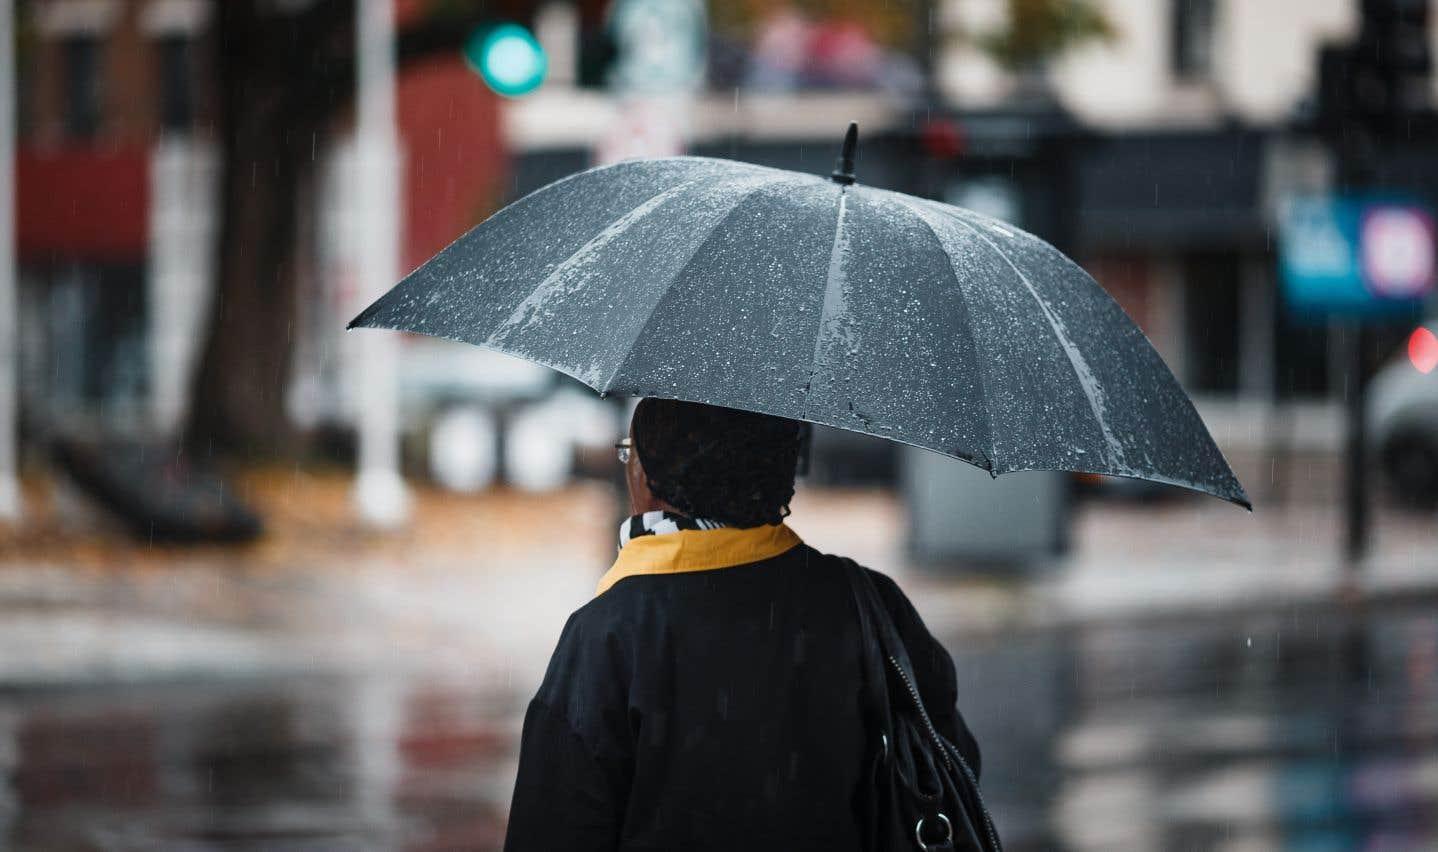 La ville de Corner Brook, située sur la côte ouest de l'île de Terre-Neuve, a décrété l'état d'urgence, samedi.